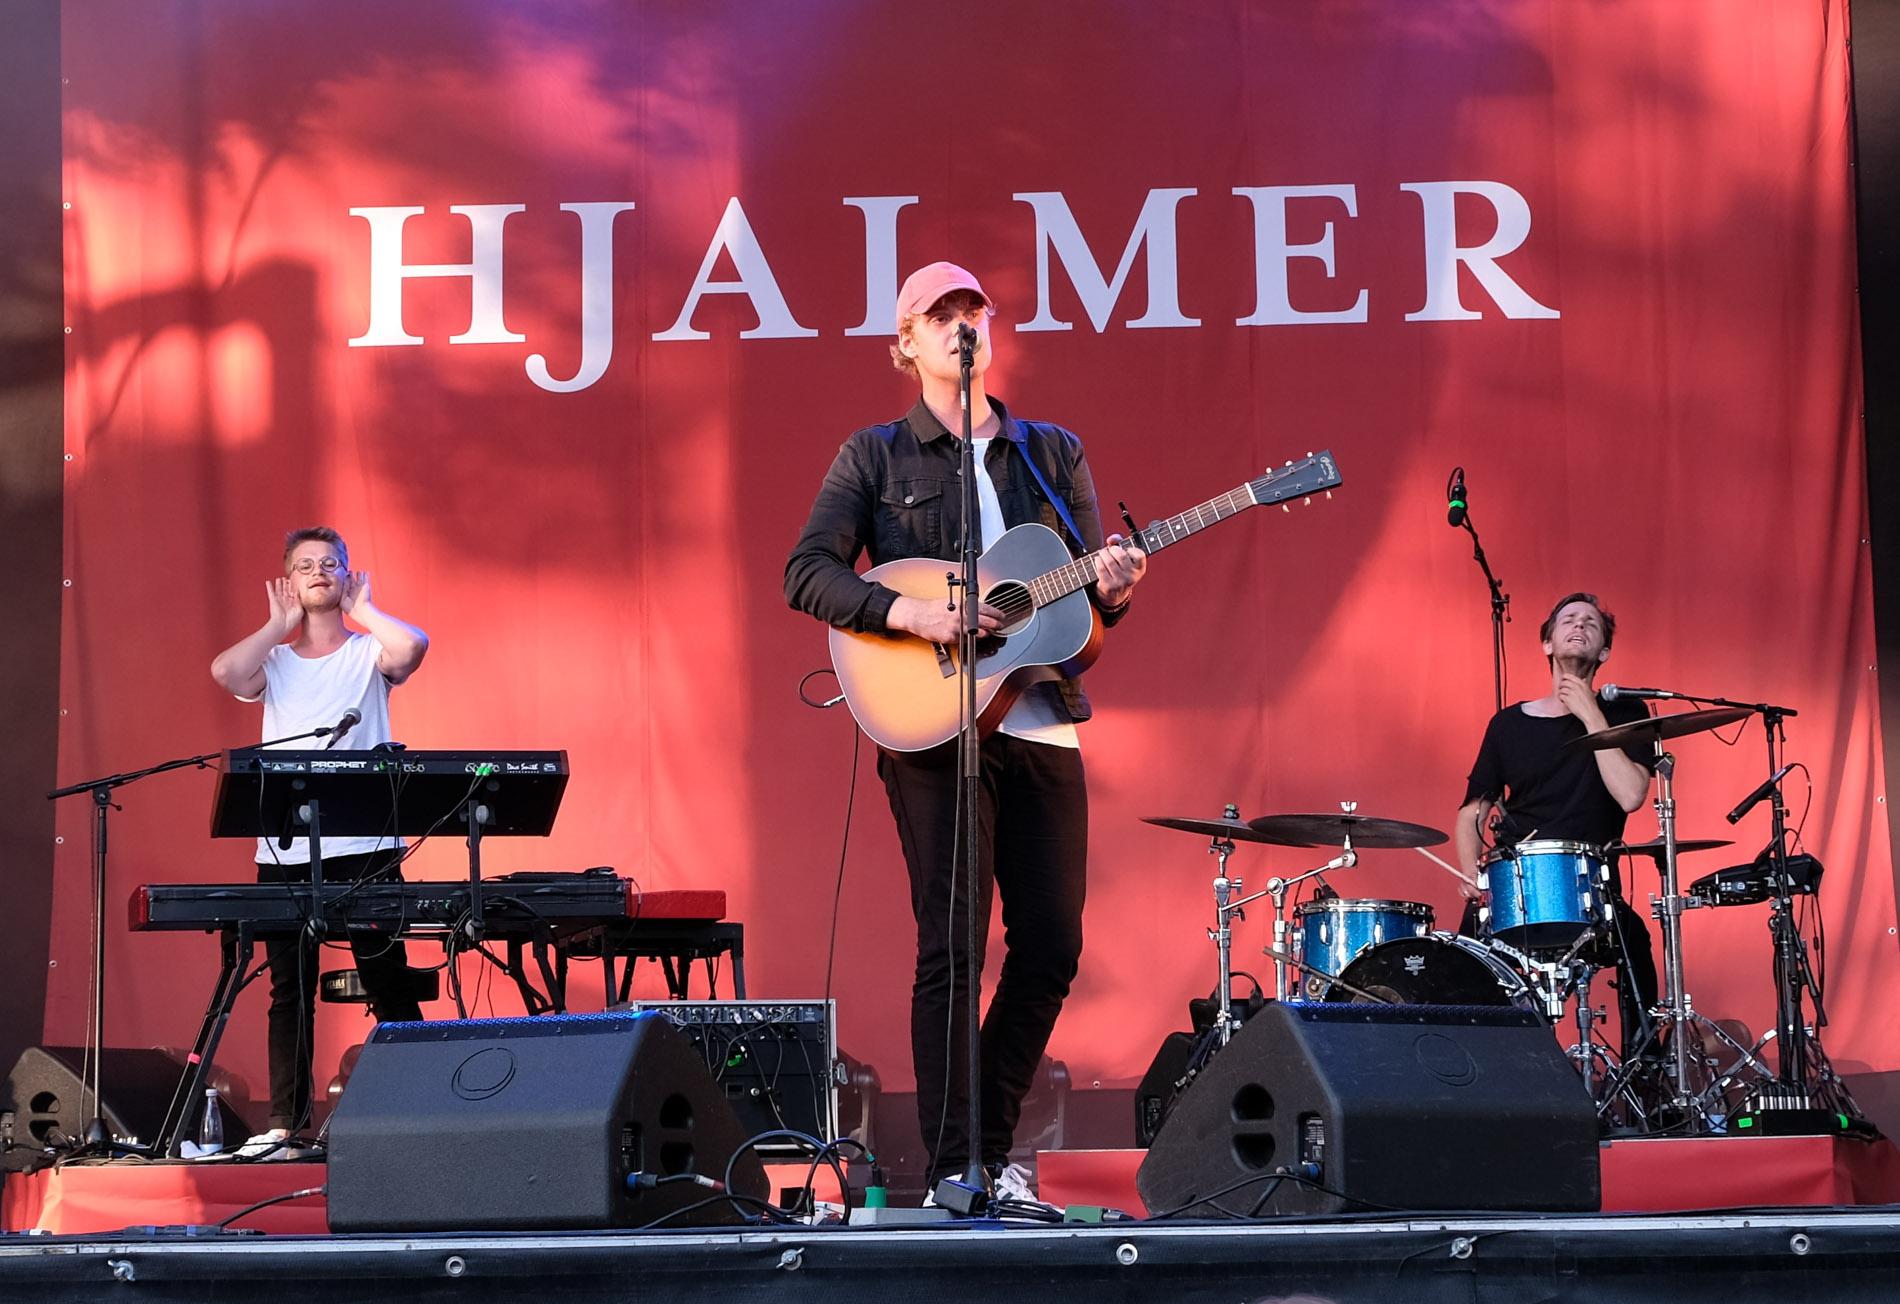 Hjalmar: Sprudlende musikalsk talent til Fed Fredag